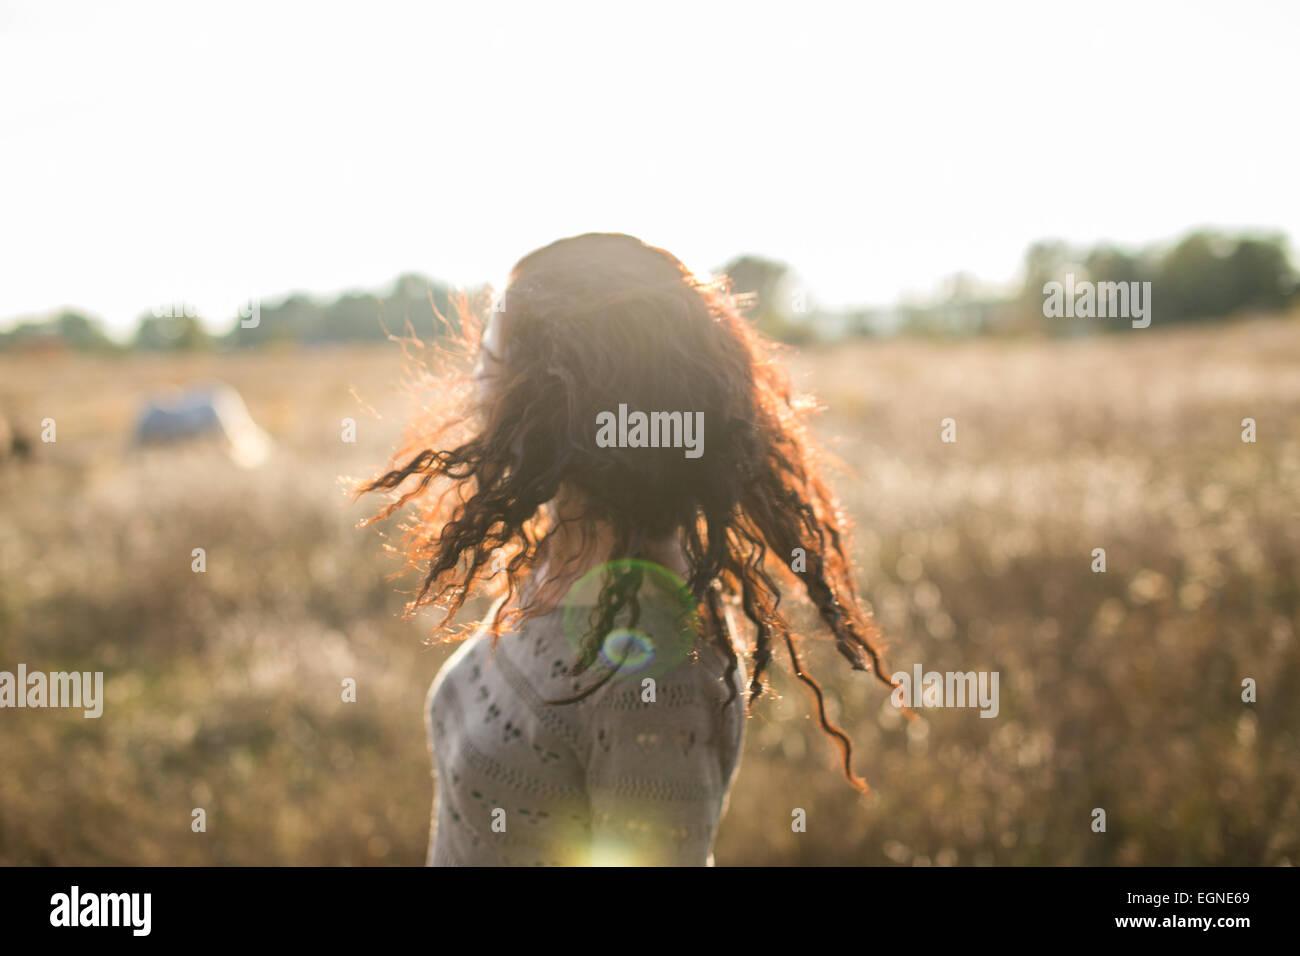 Junges Mädchen kopfschüttelnd auf einem Spaziergang im Feld bei Sonnenuntergang Stockbild